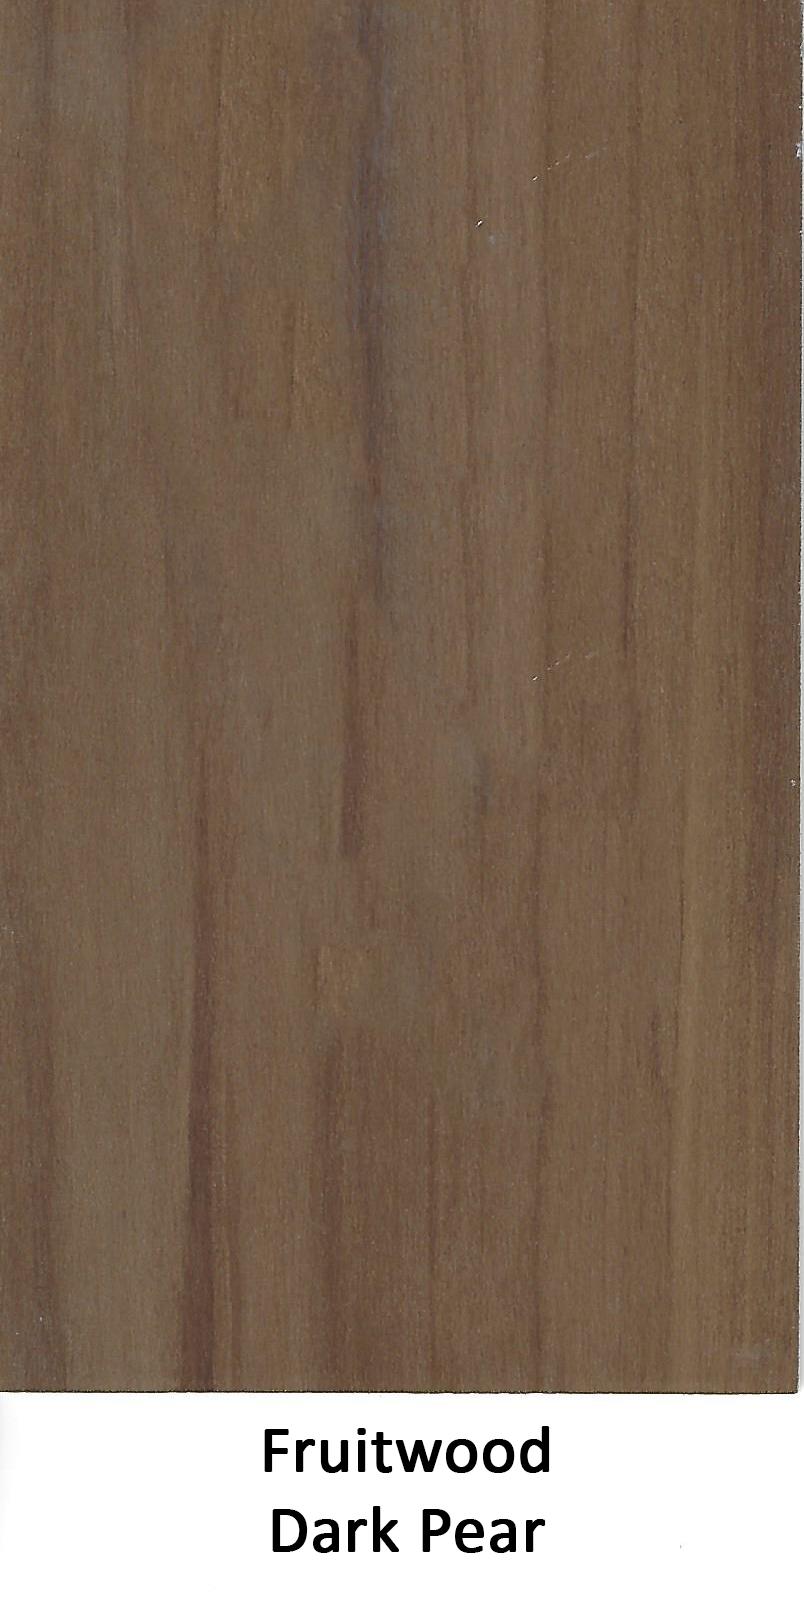 Fruitwood---Dark-Pear.png